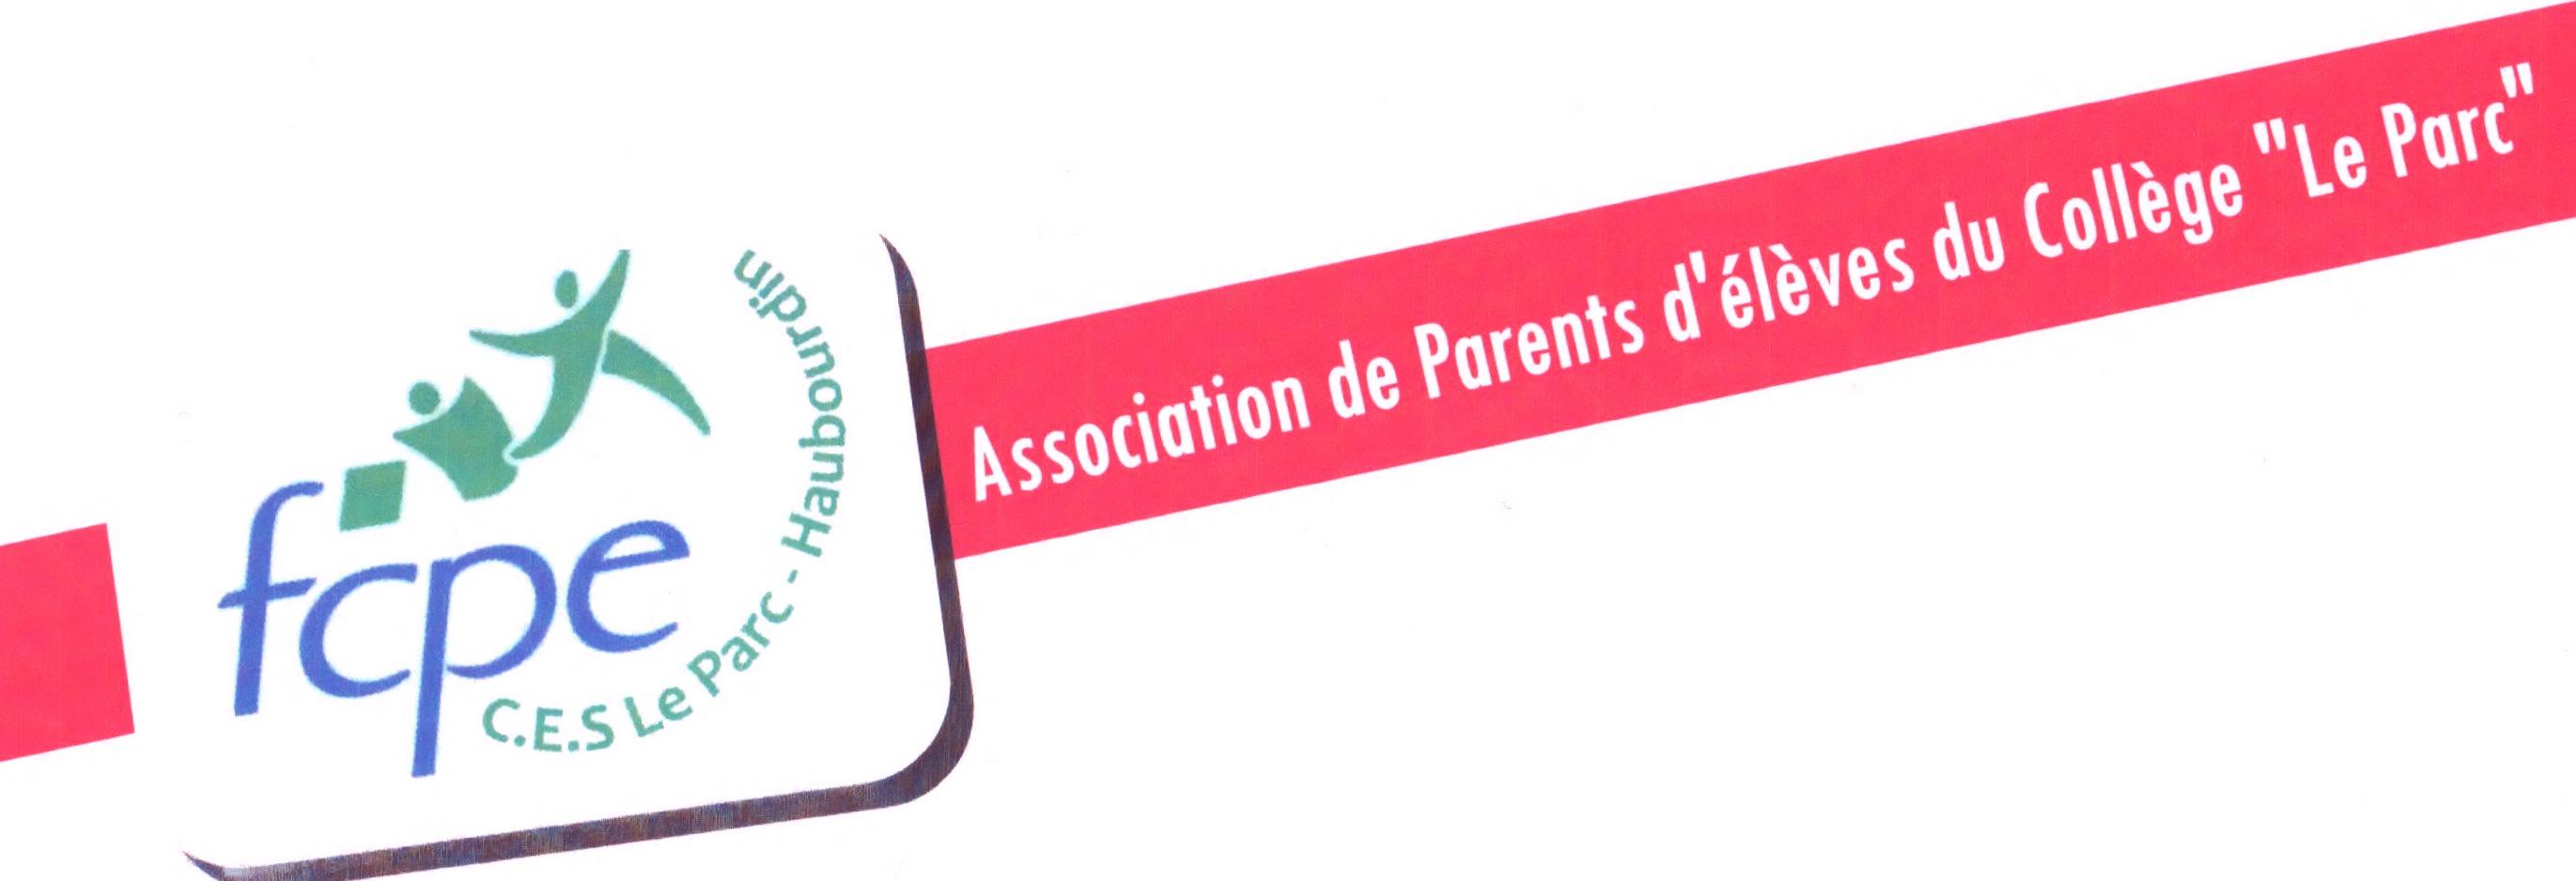 """Association des parents d'élèves du Collège """"LE PARC"""" à Haubourdin Logo"""